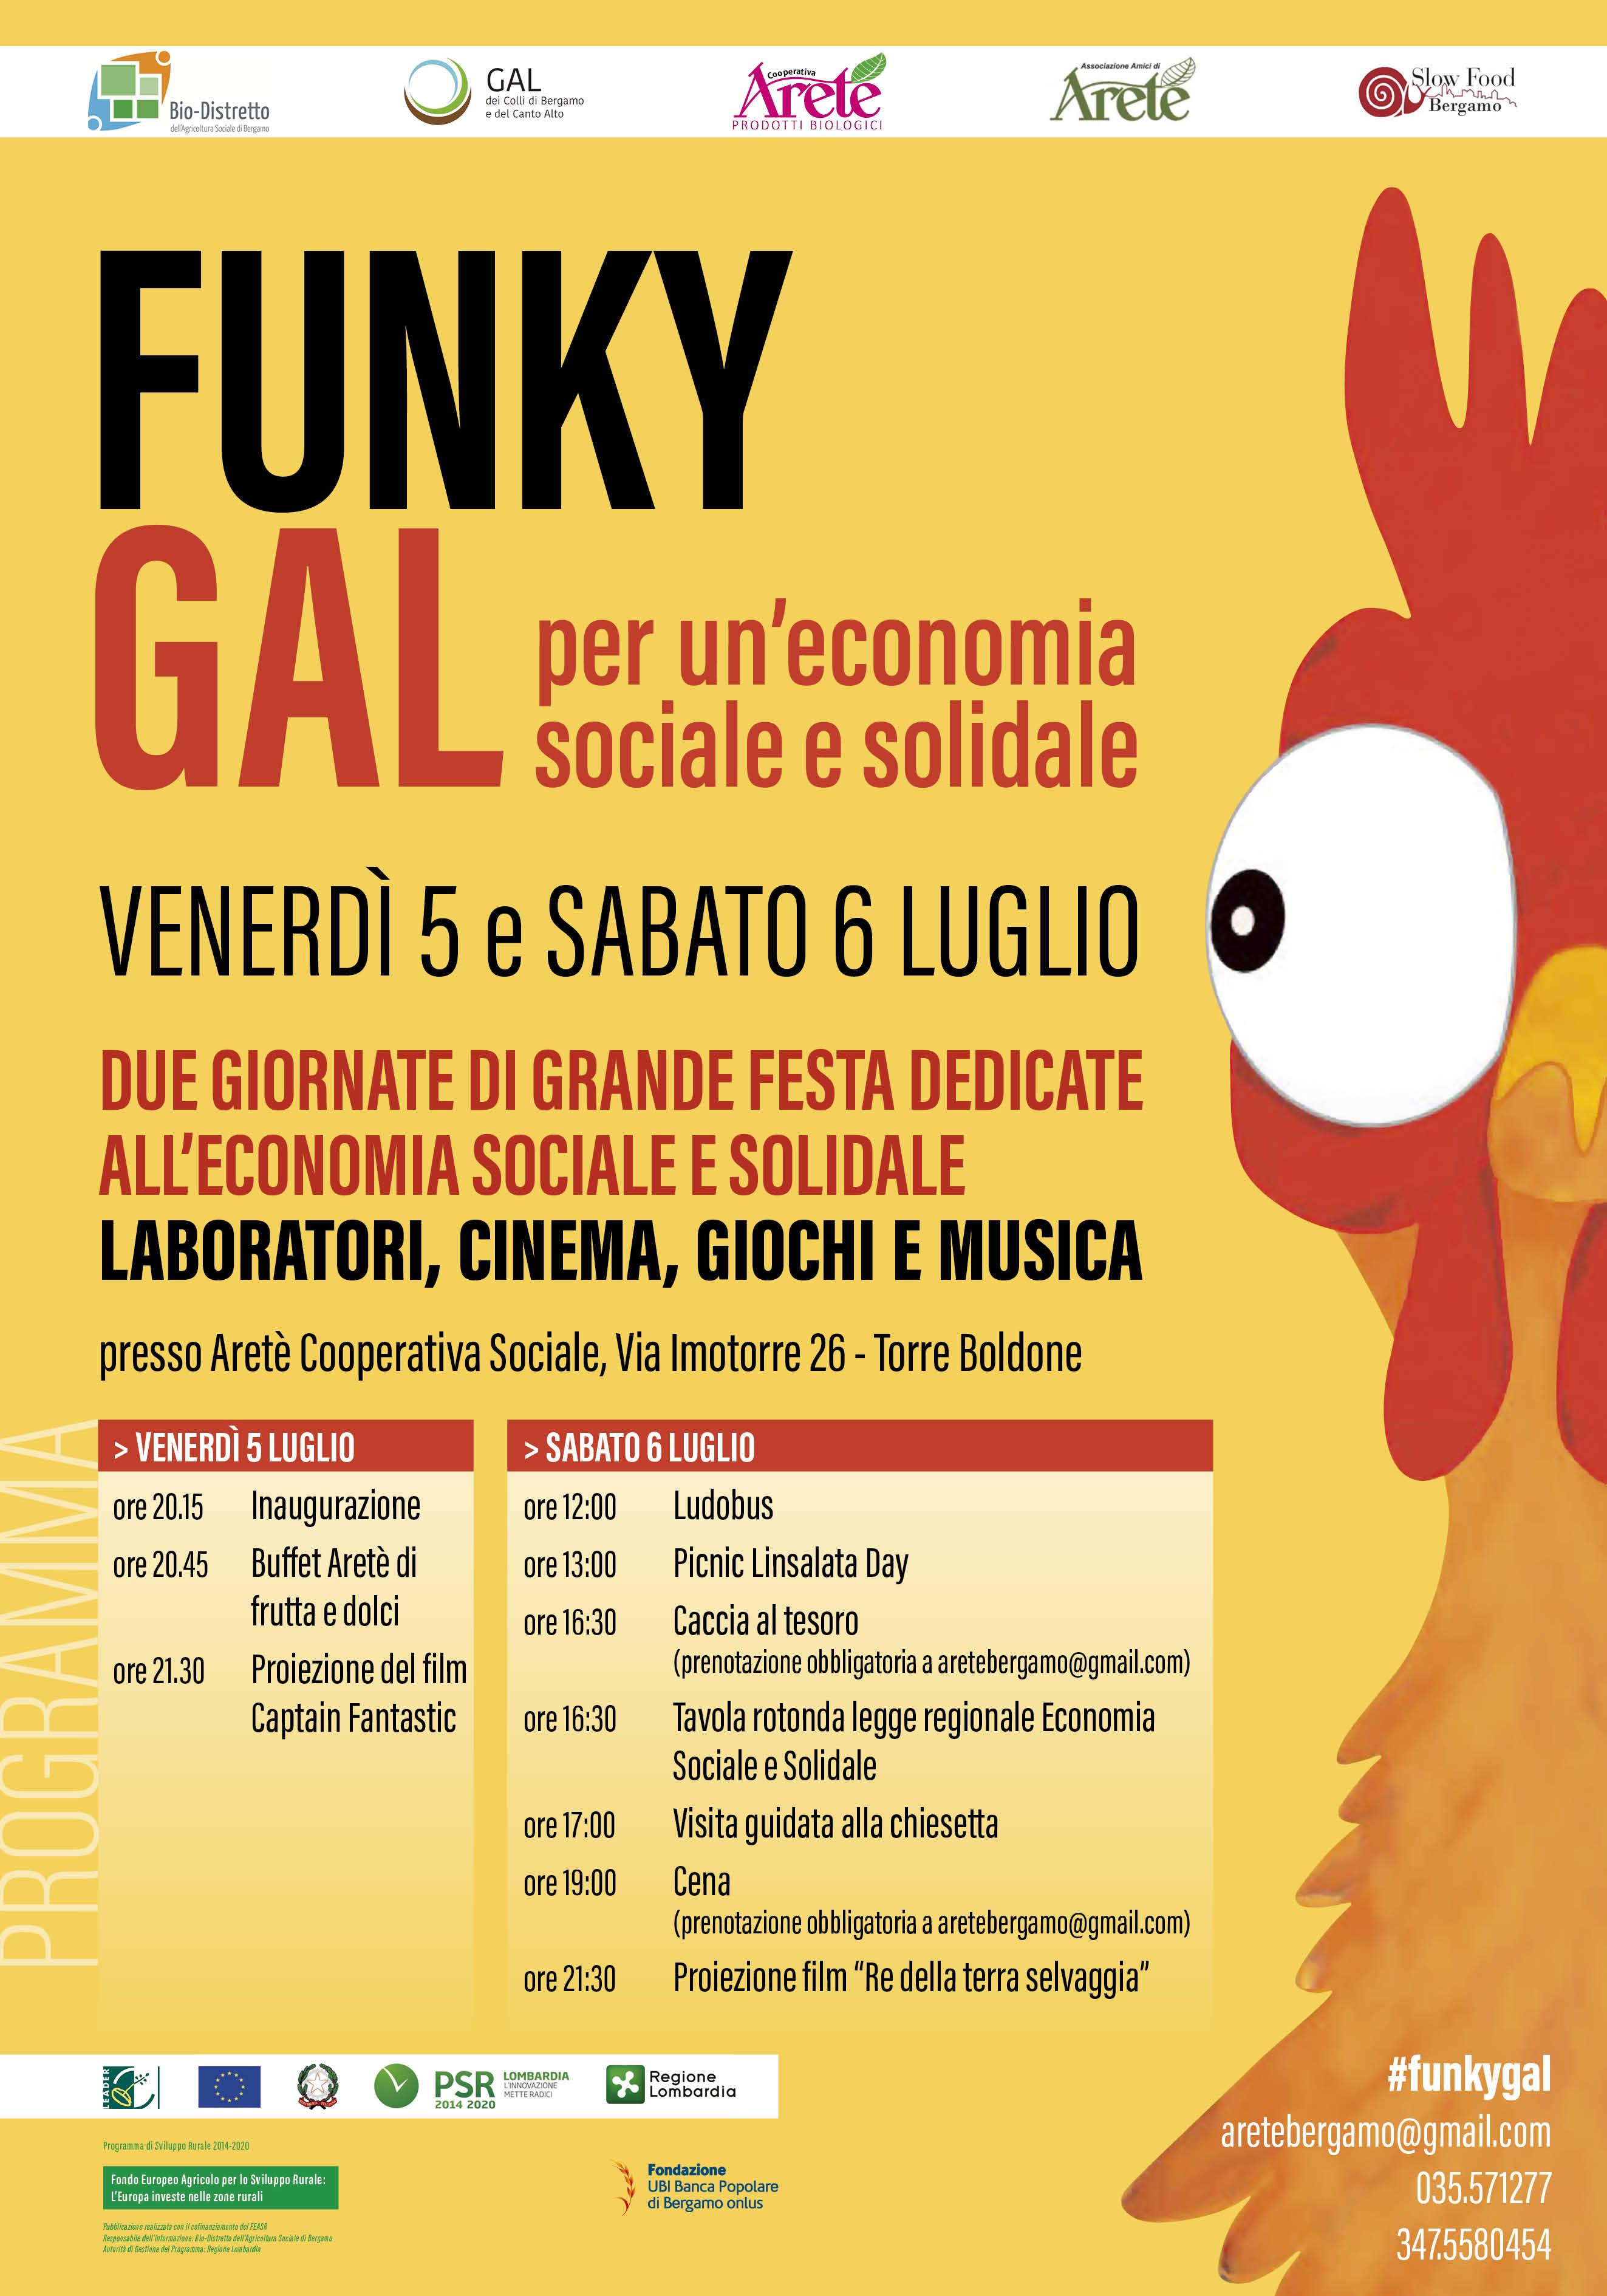 Funky Gal economia sociale e solidale